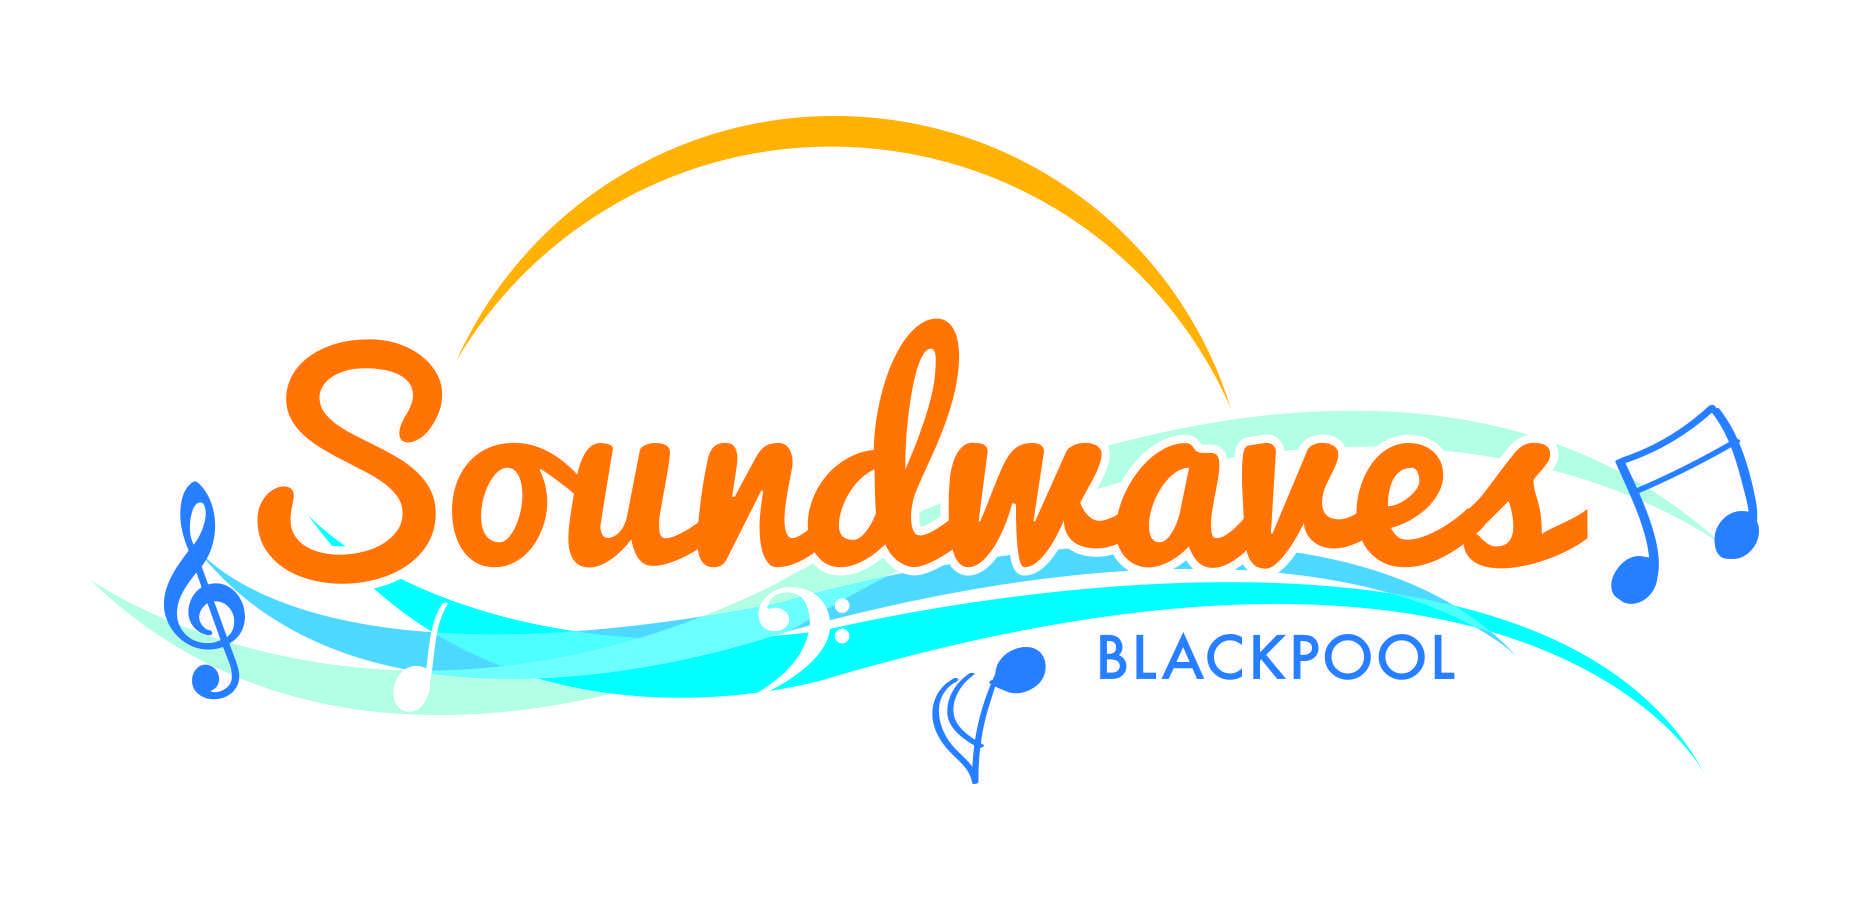 Blackpool Soundwaves Ladies Choir